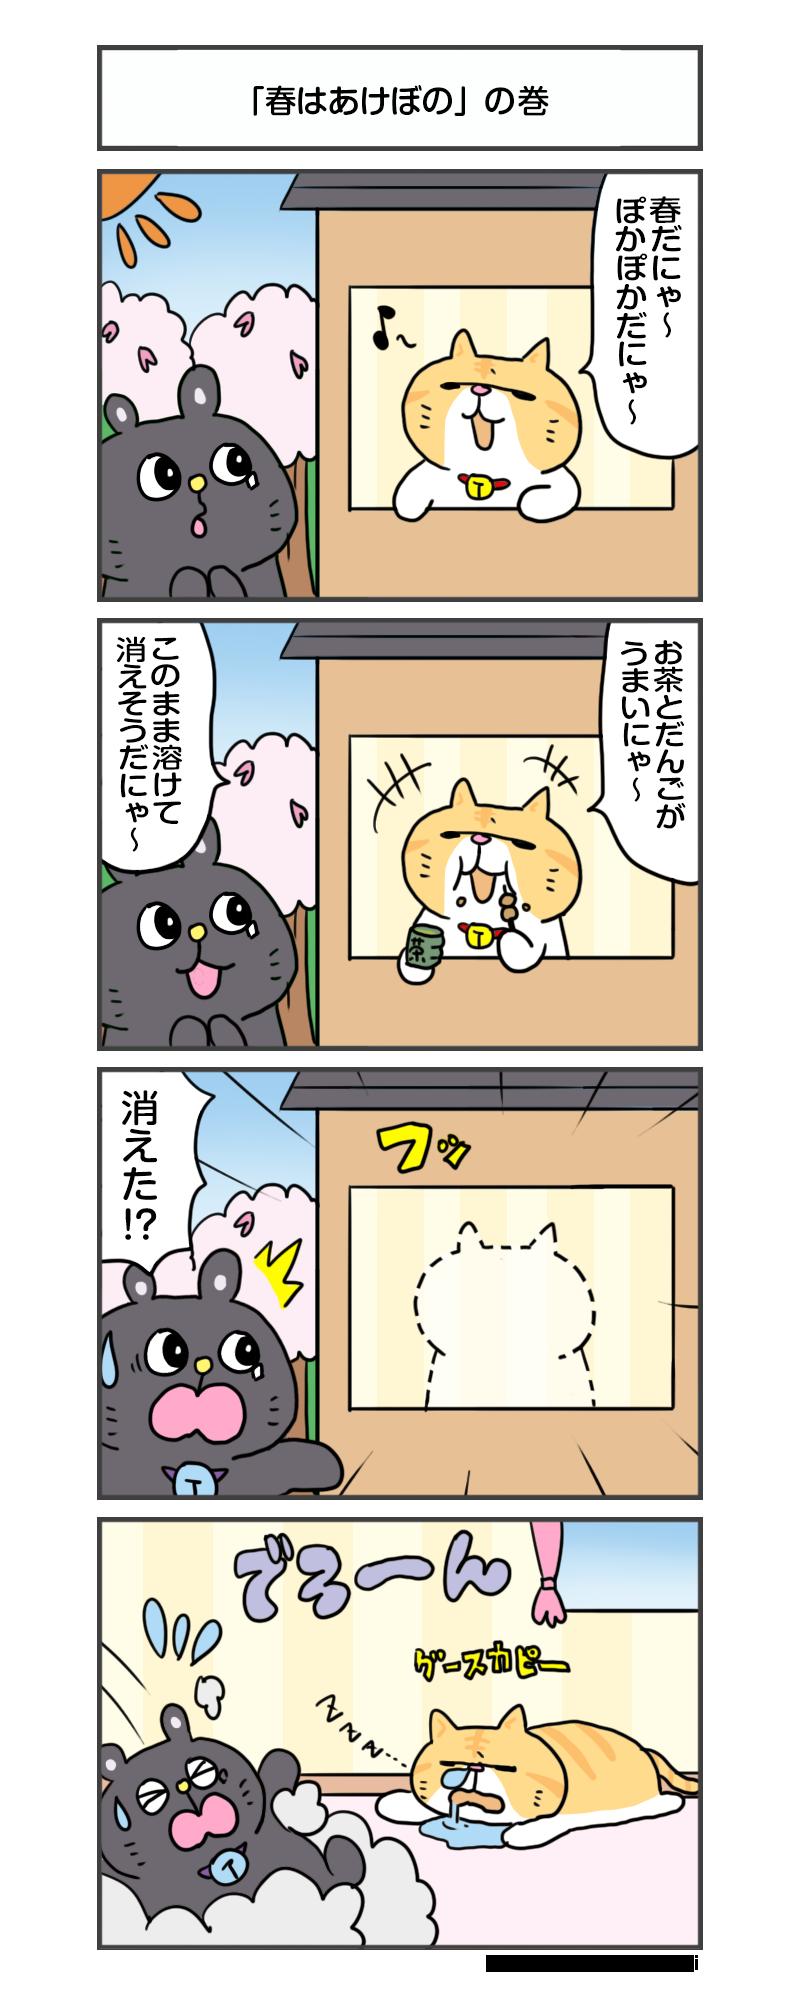 えきぞうmanga_vol.294